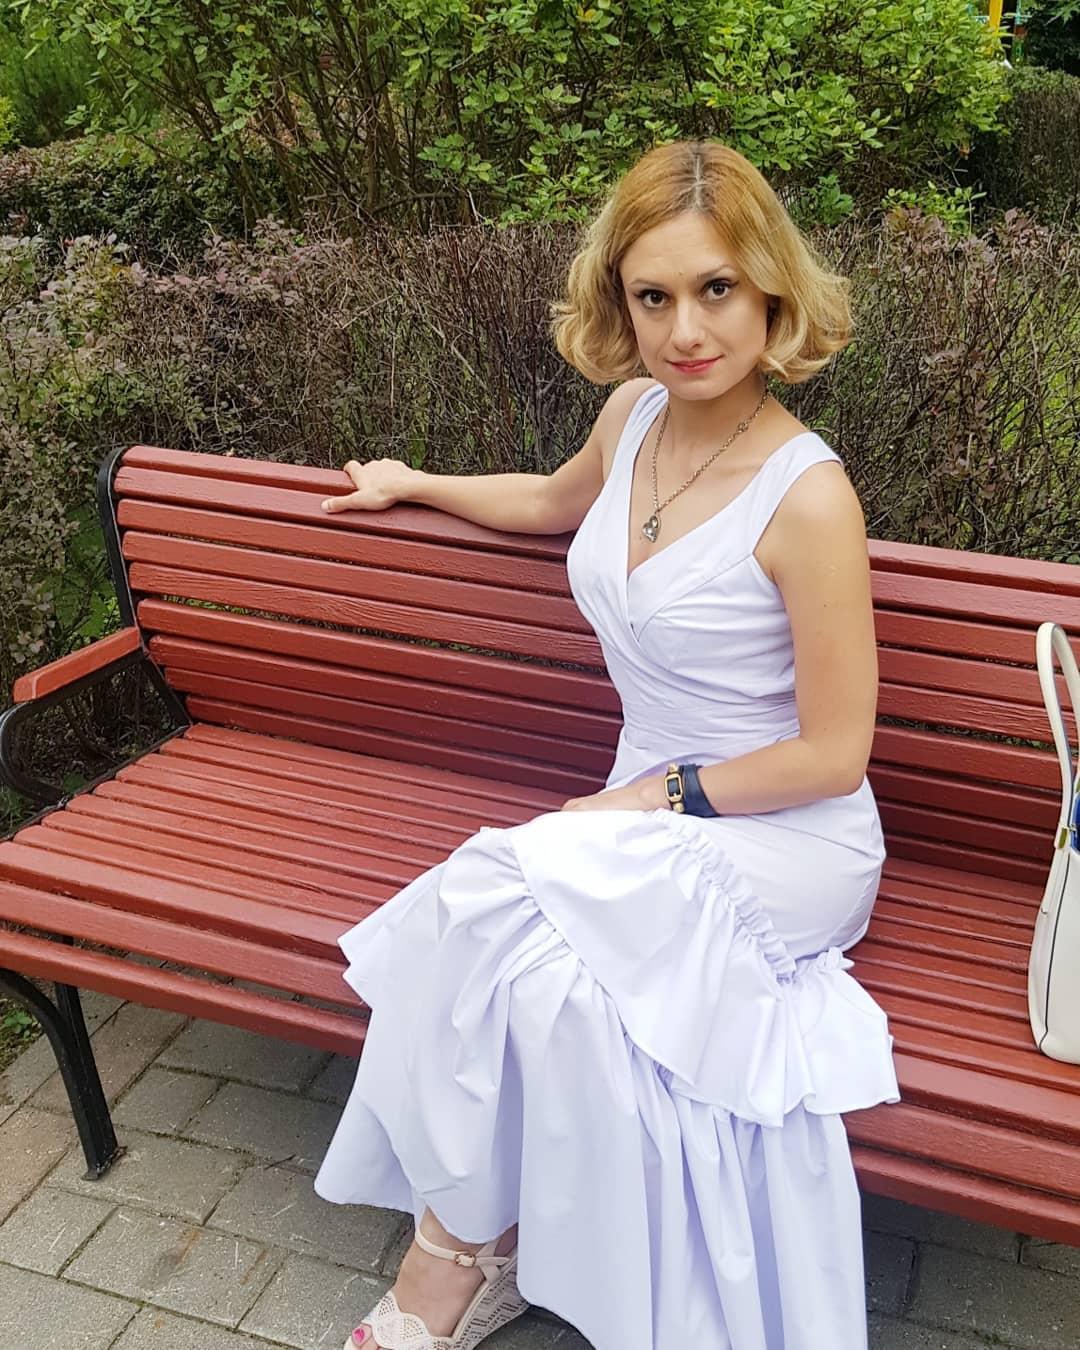 Конфликт отразился на здоровье: Карина Мишулина резко похудела из-за бесконечной распри с Еремеевым